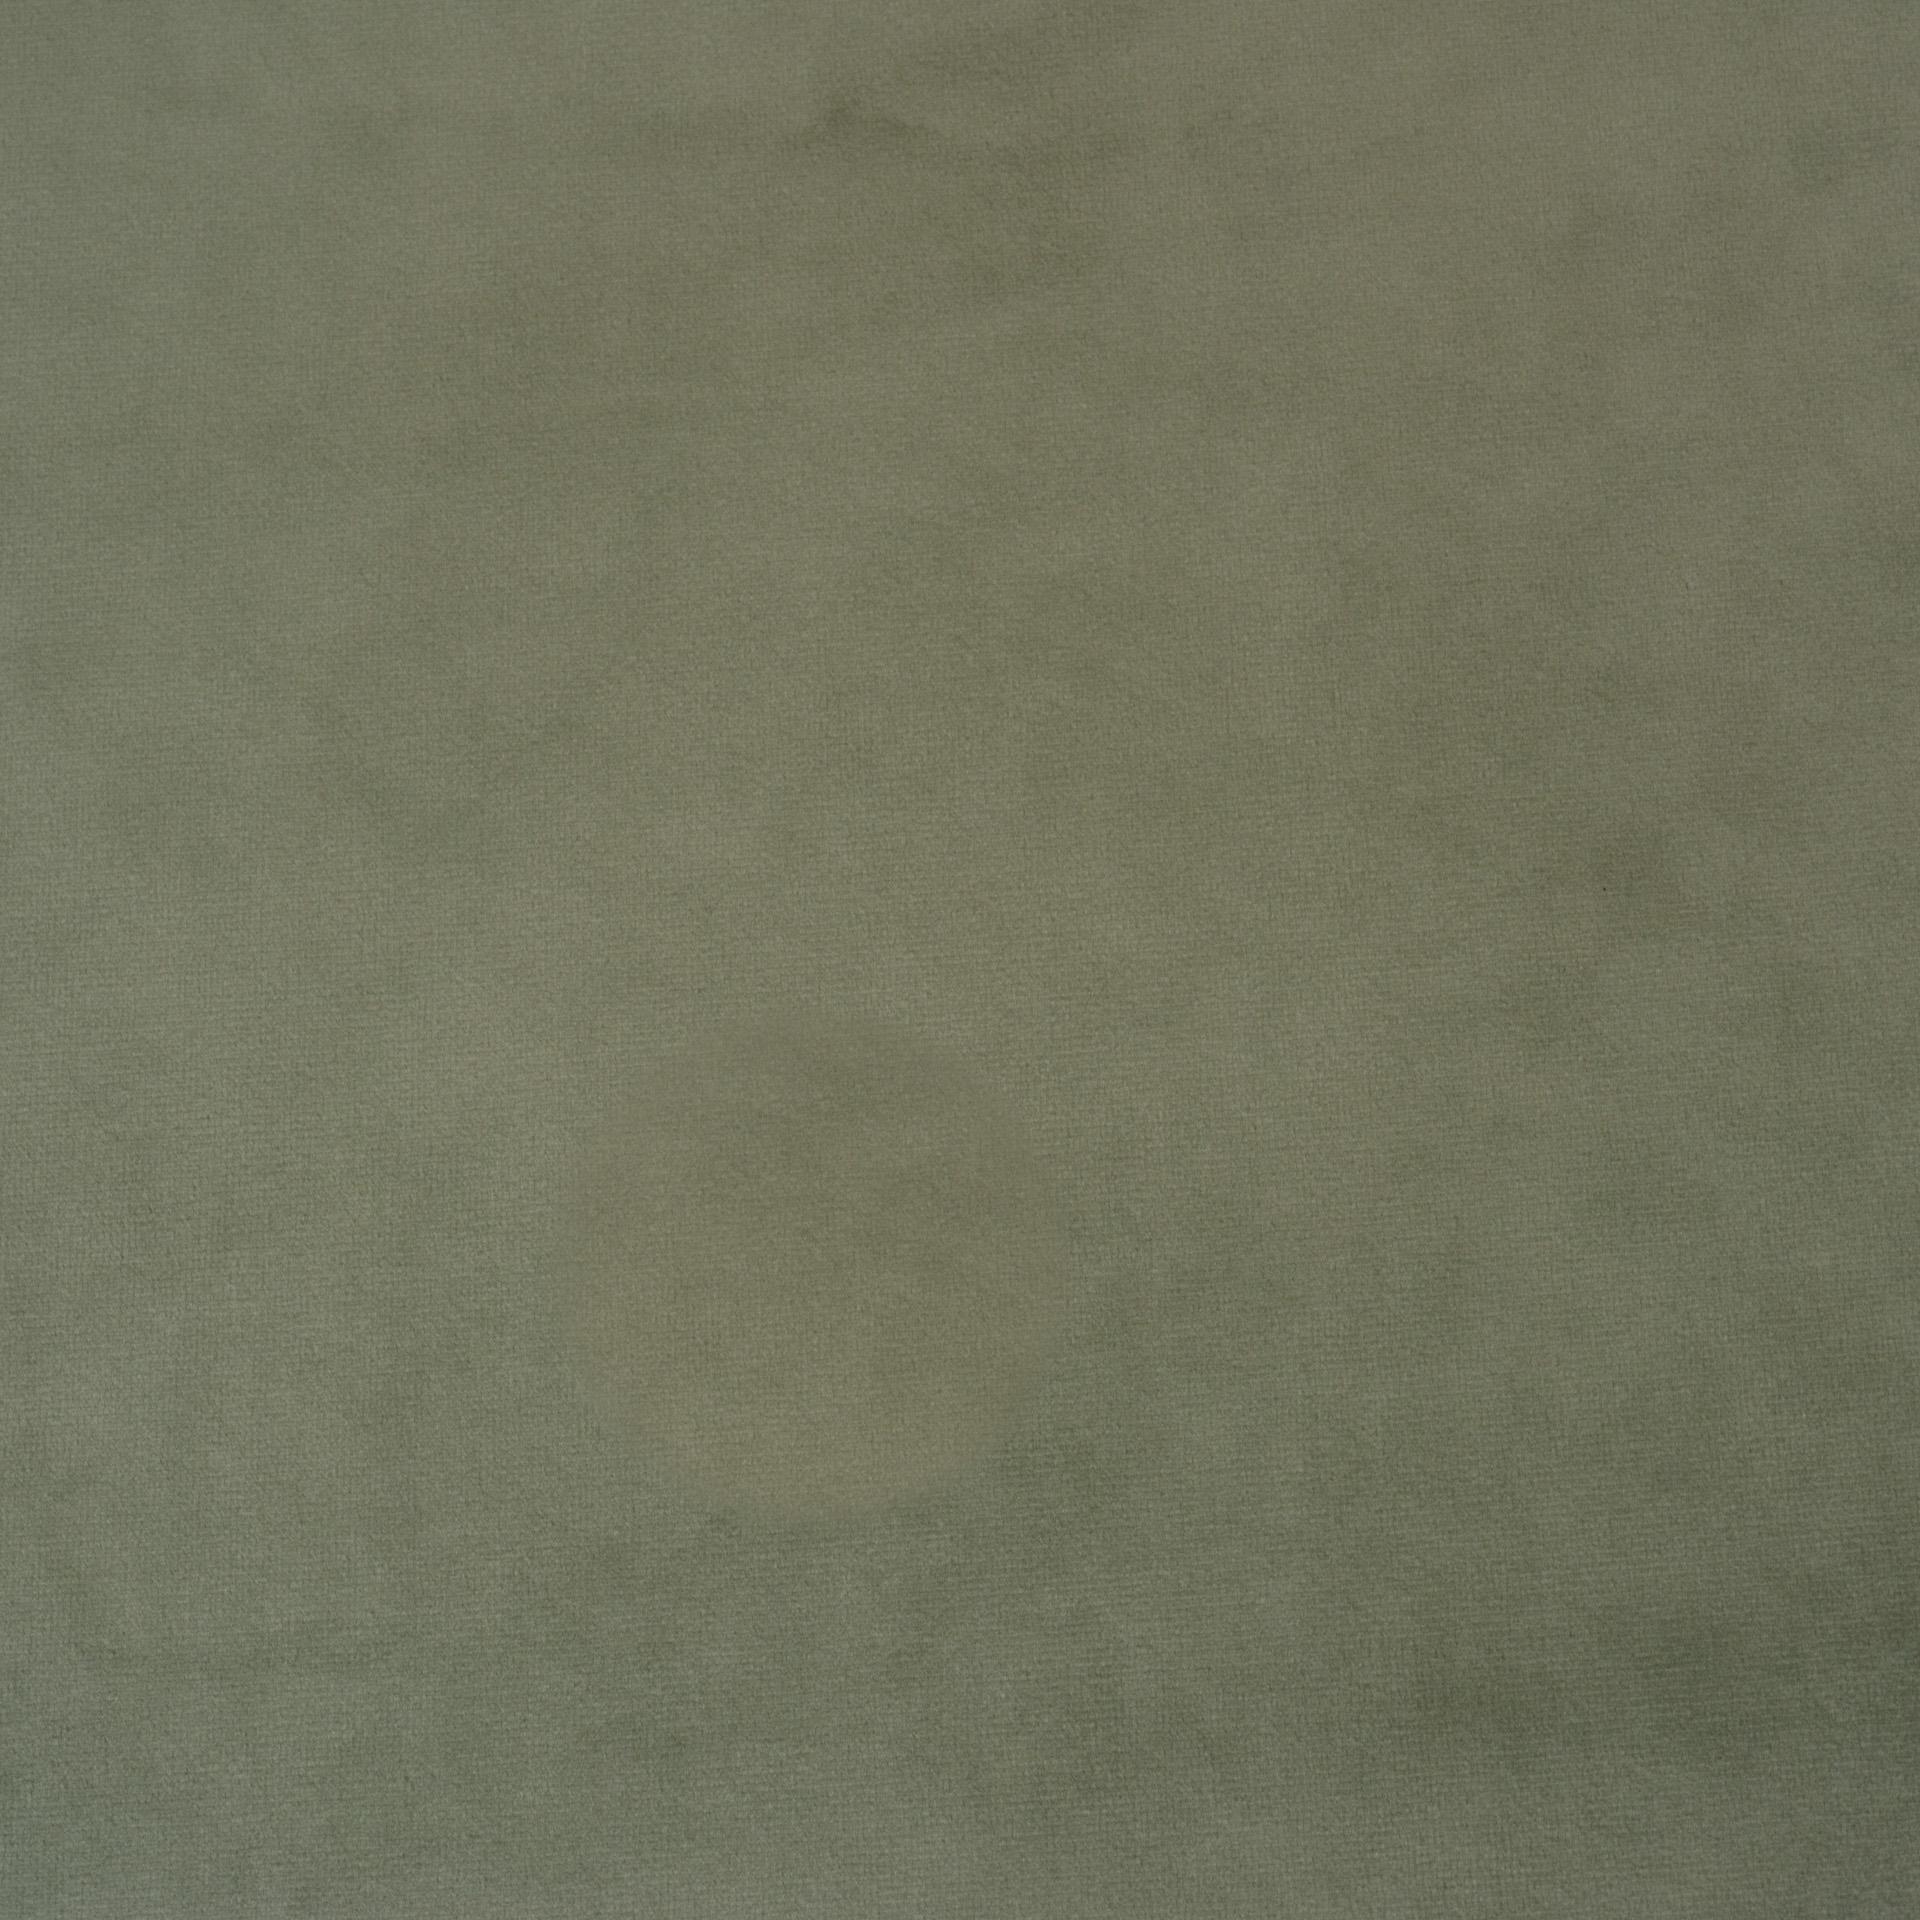 Коллекция ткани Альмира 07 LINDEN GREEN,  купить ткань Велюр для мебели Украина